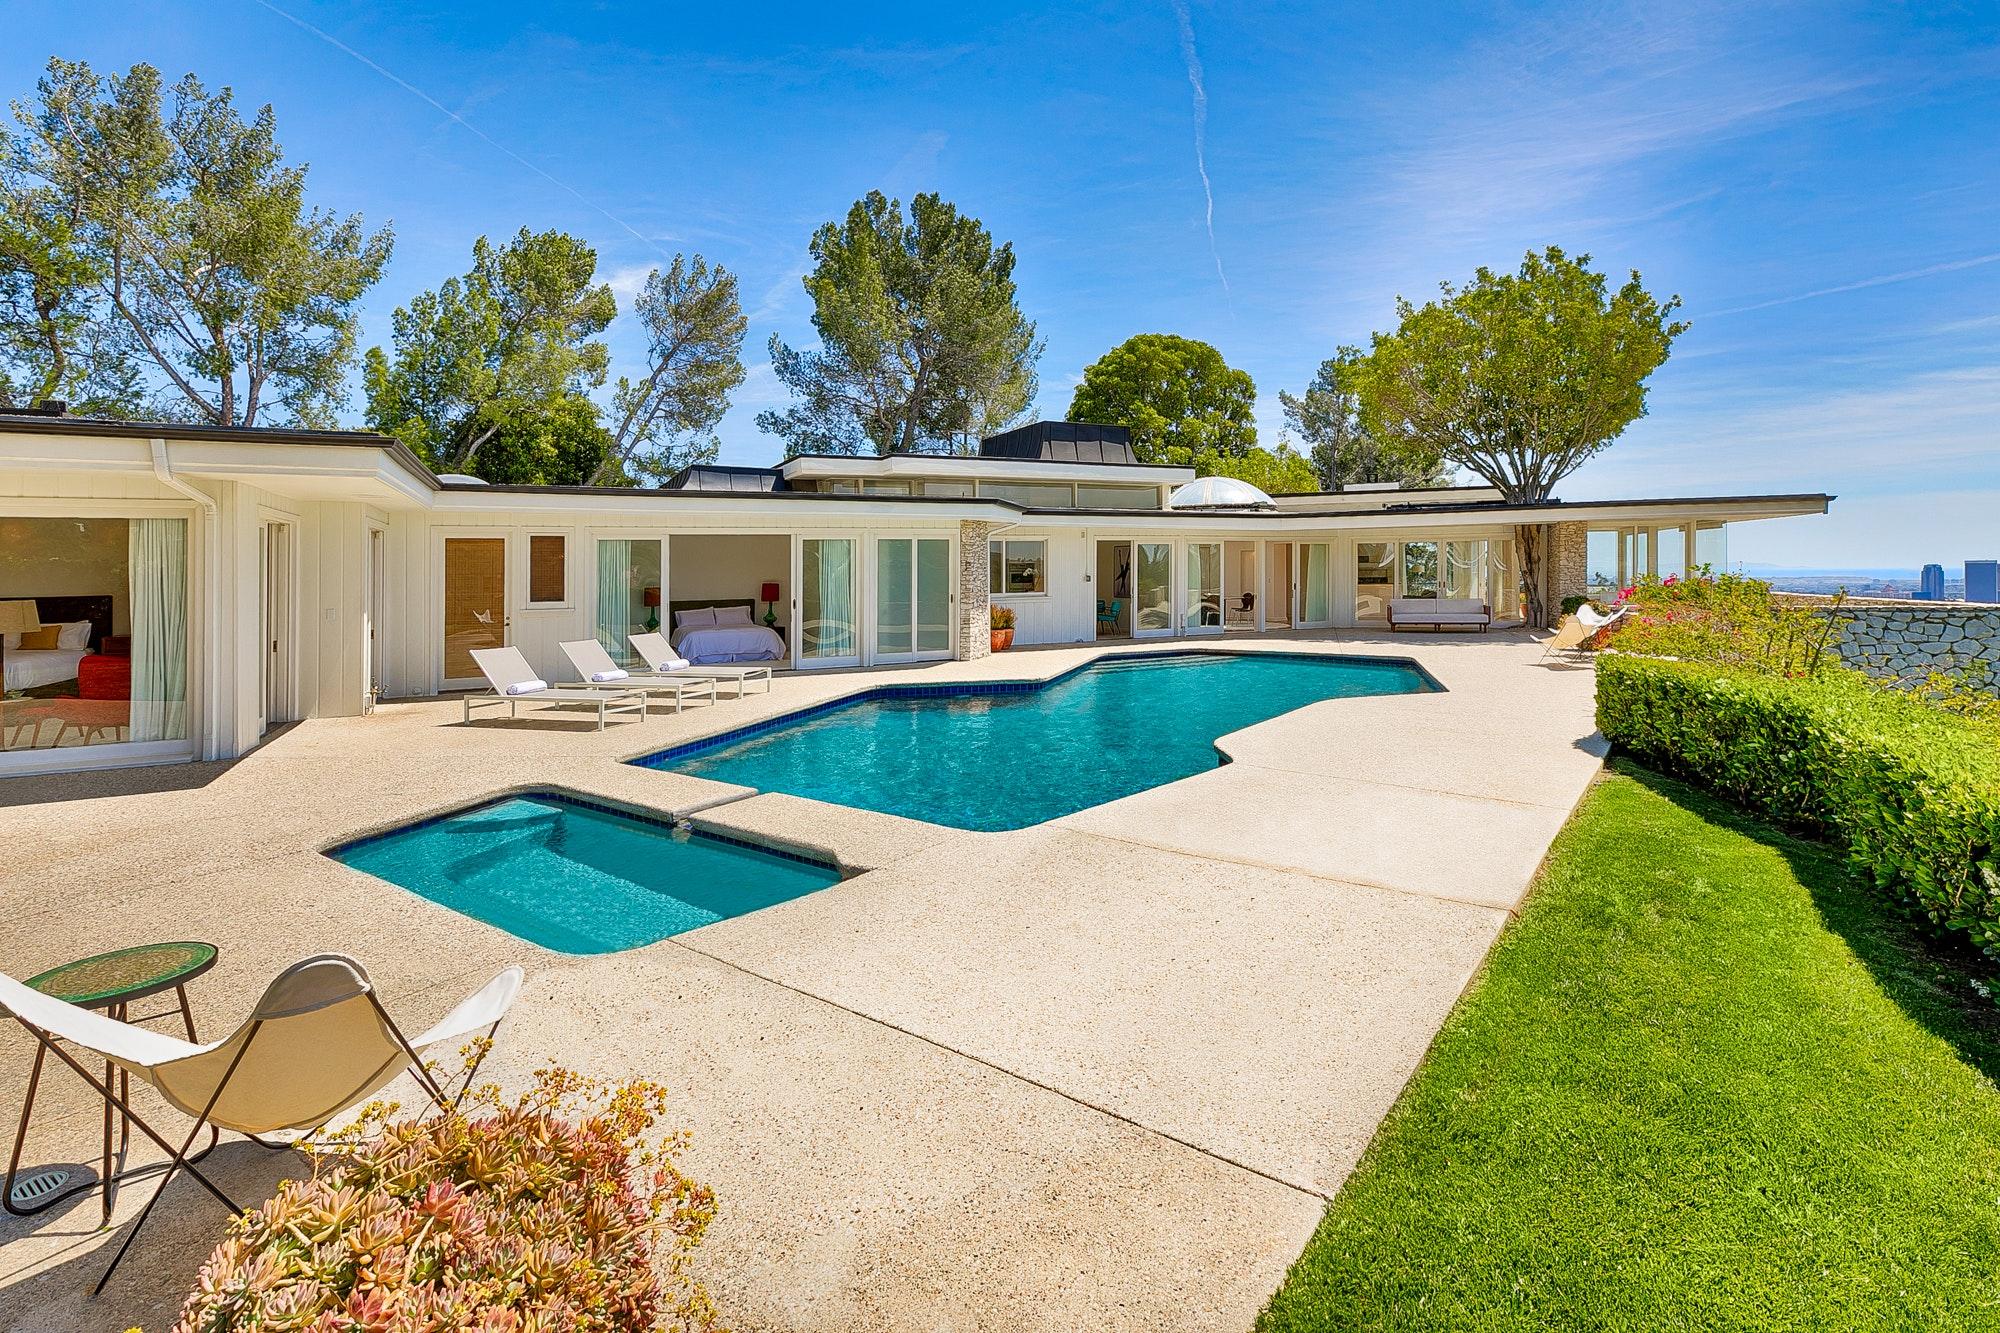 luxury vacation rental home beverly hills ca elvis presley